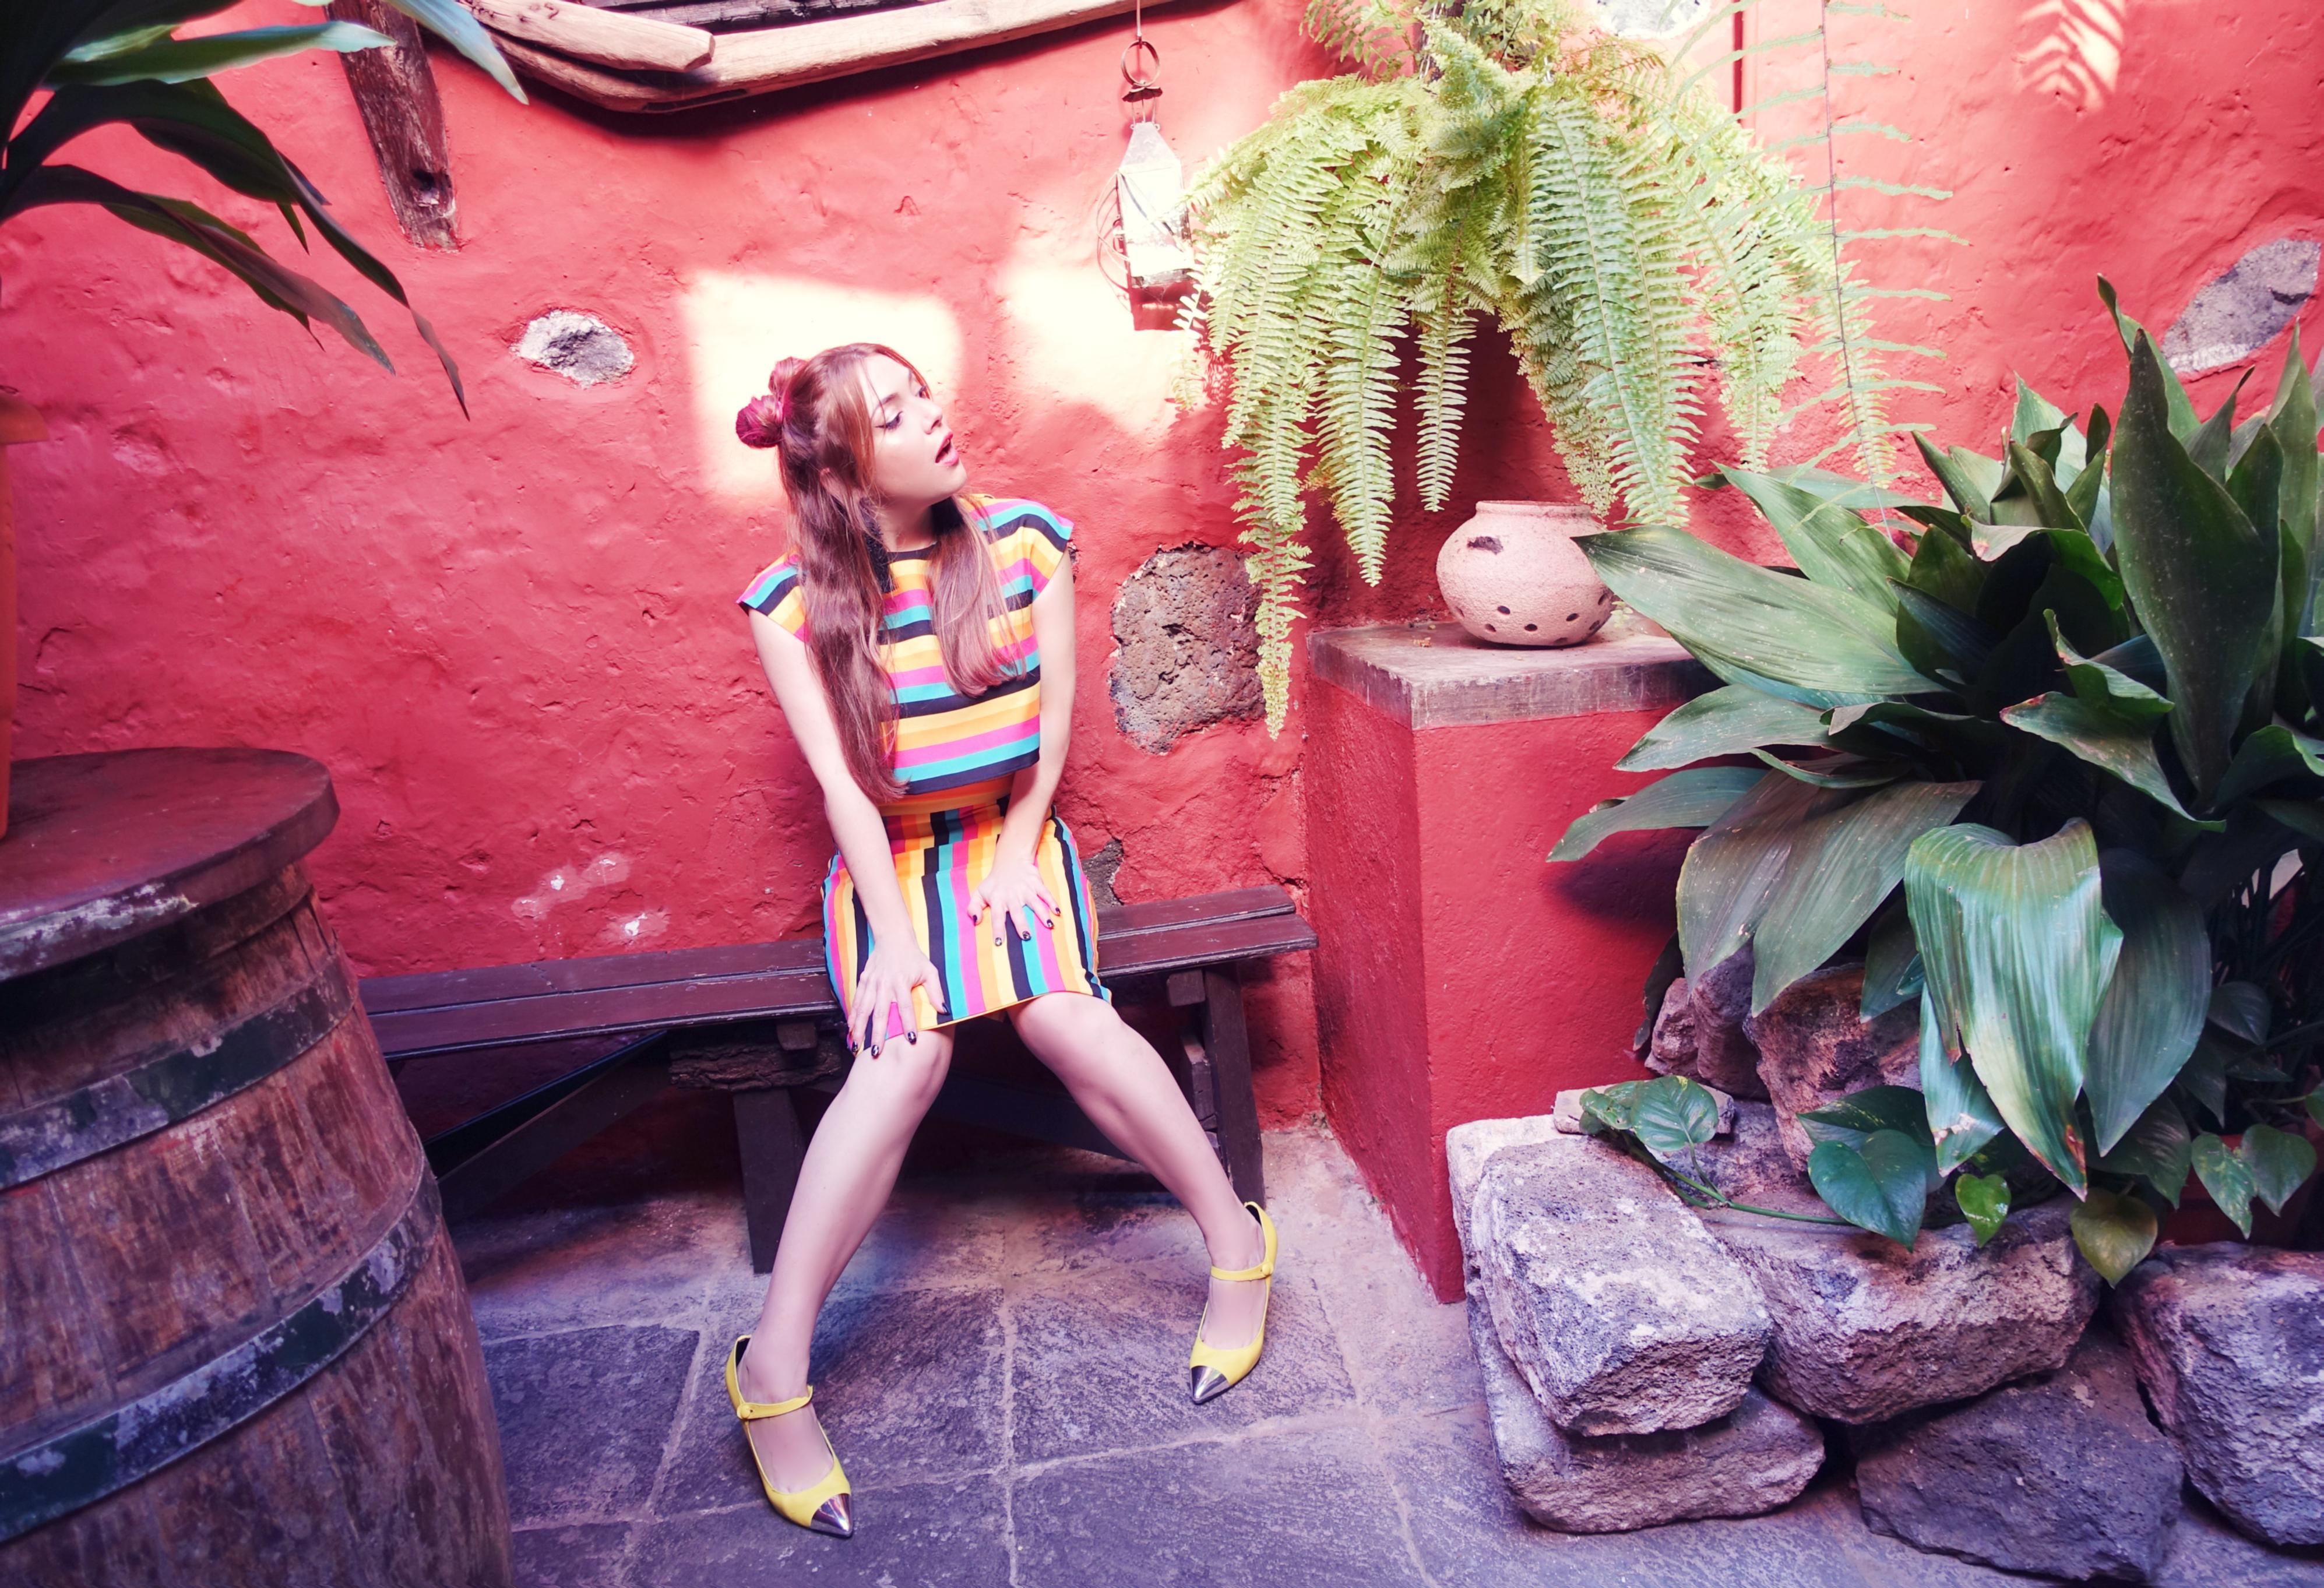 Pretty-blogger-PiensaenChic-blog-de-moda-ChicAdicta-influencer-que-ver en-tenerife-falda-de-rayas-ana-de-valle-trends-2019-Chic-adicta-Piensa-en-Chic